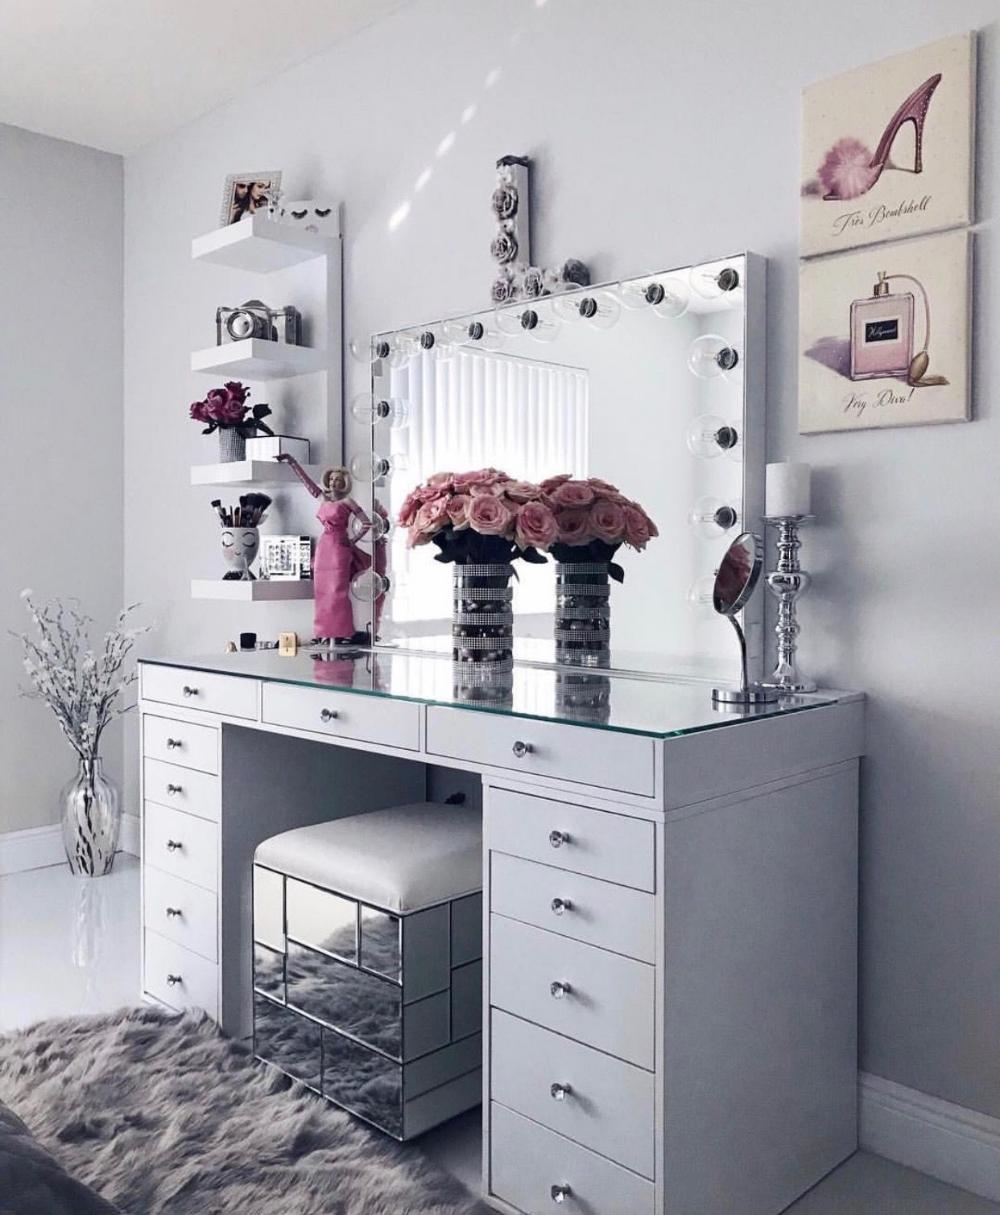 Epingle Par Koko Sur Home Idee Rangement Chambre Decoration